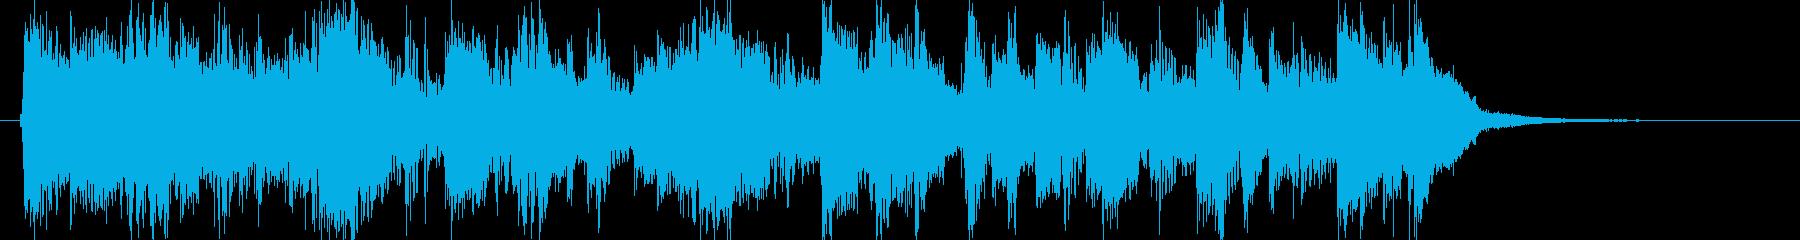 ロックンロール・ギター・元気・ジングルの再生済みの波形